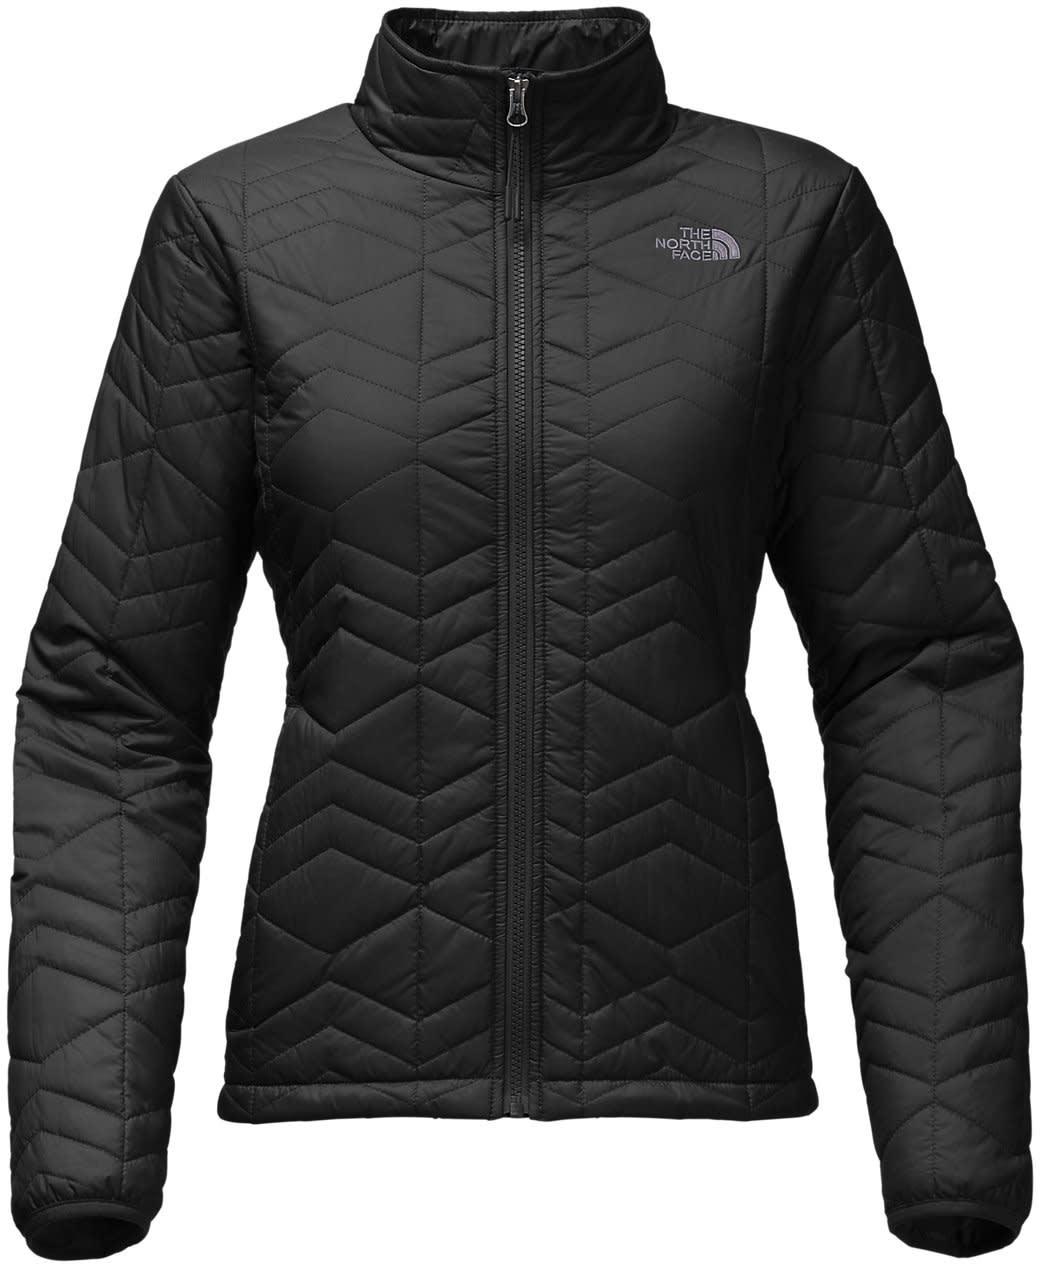 North Face Ski Jackets